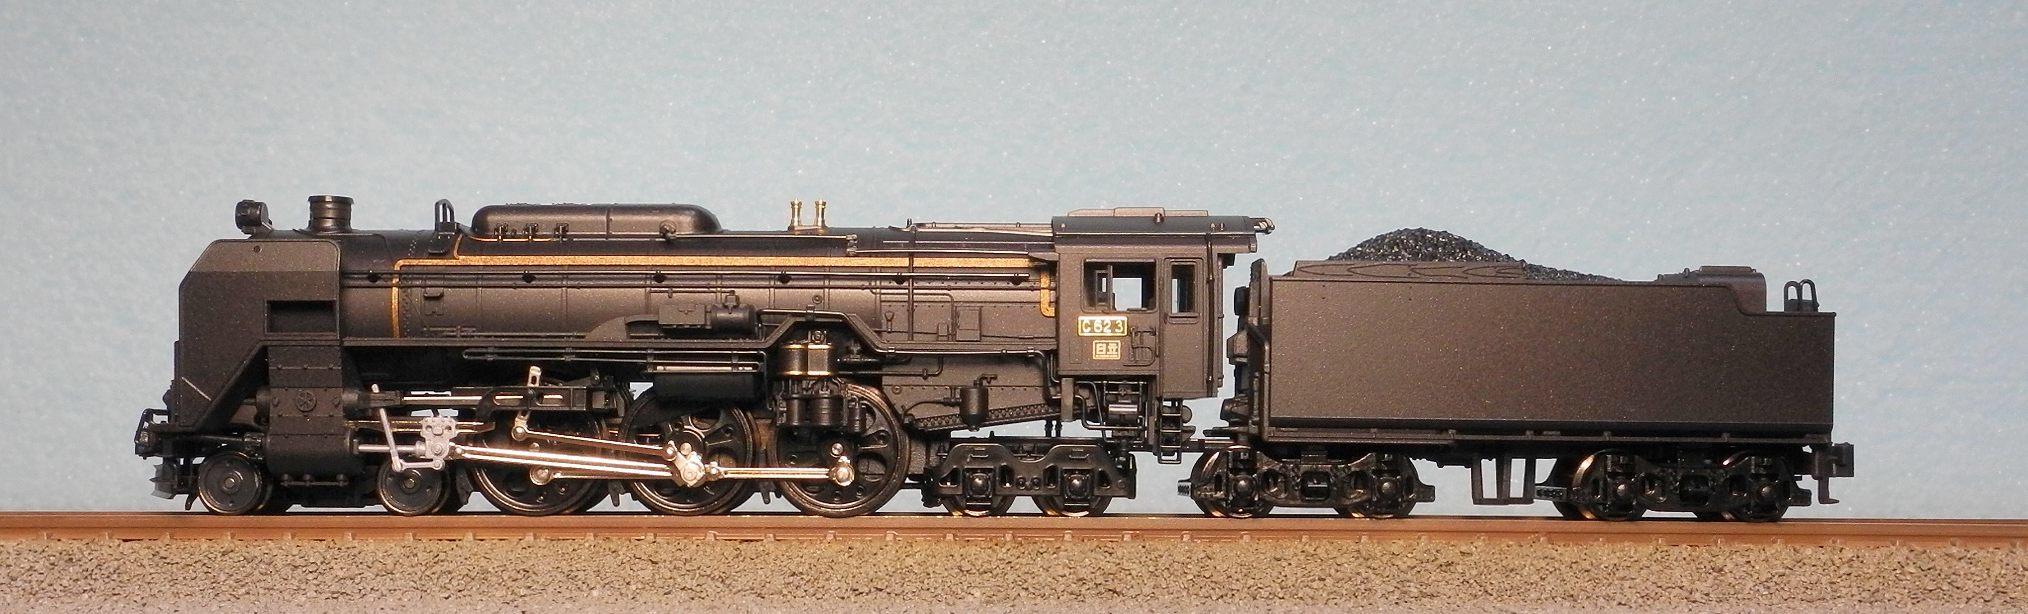 DSCN9021-1.jpg